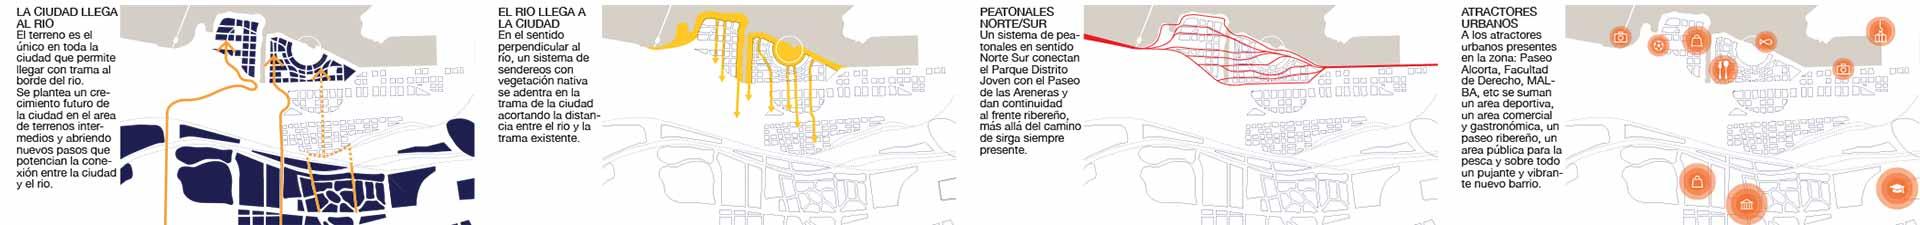 Esquemas urbanos de análisis del sector costa Salguero, propuesta del estudio de arquitectura paisaje y urbanismo NOA